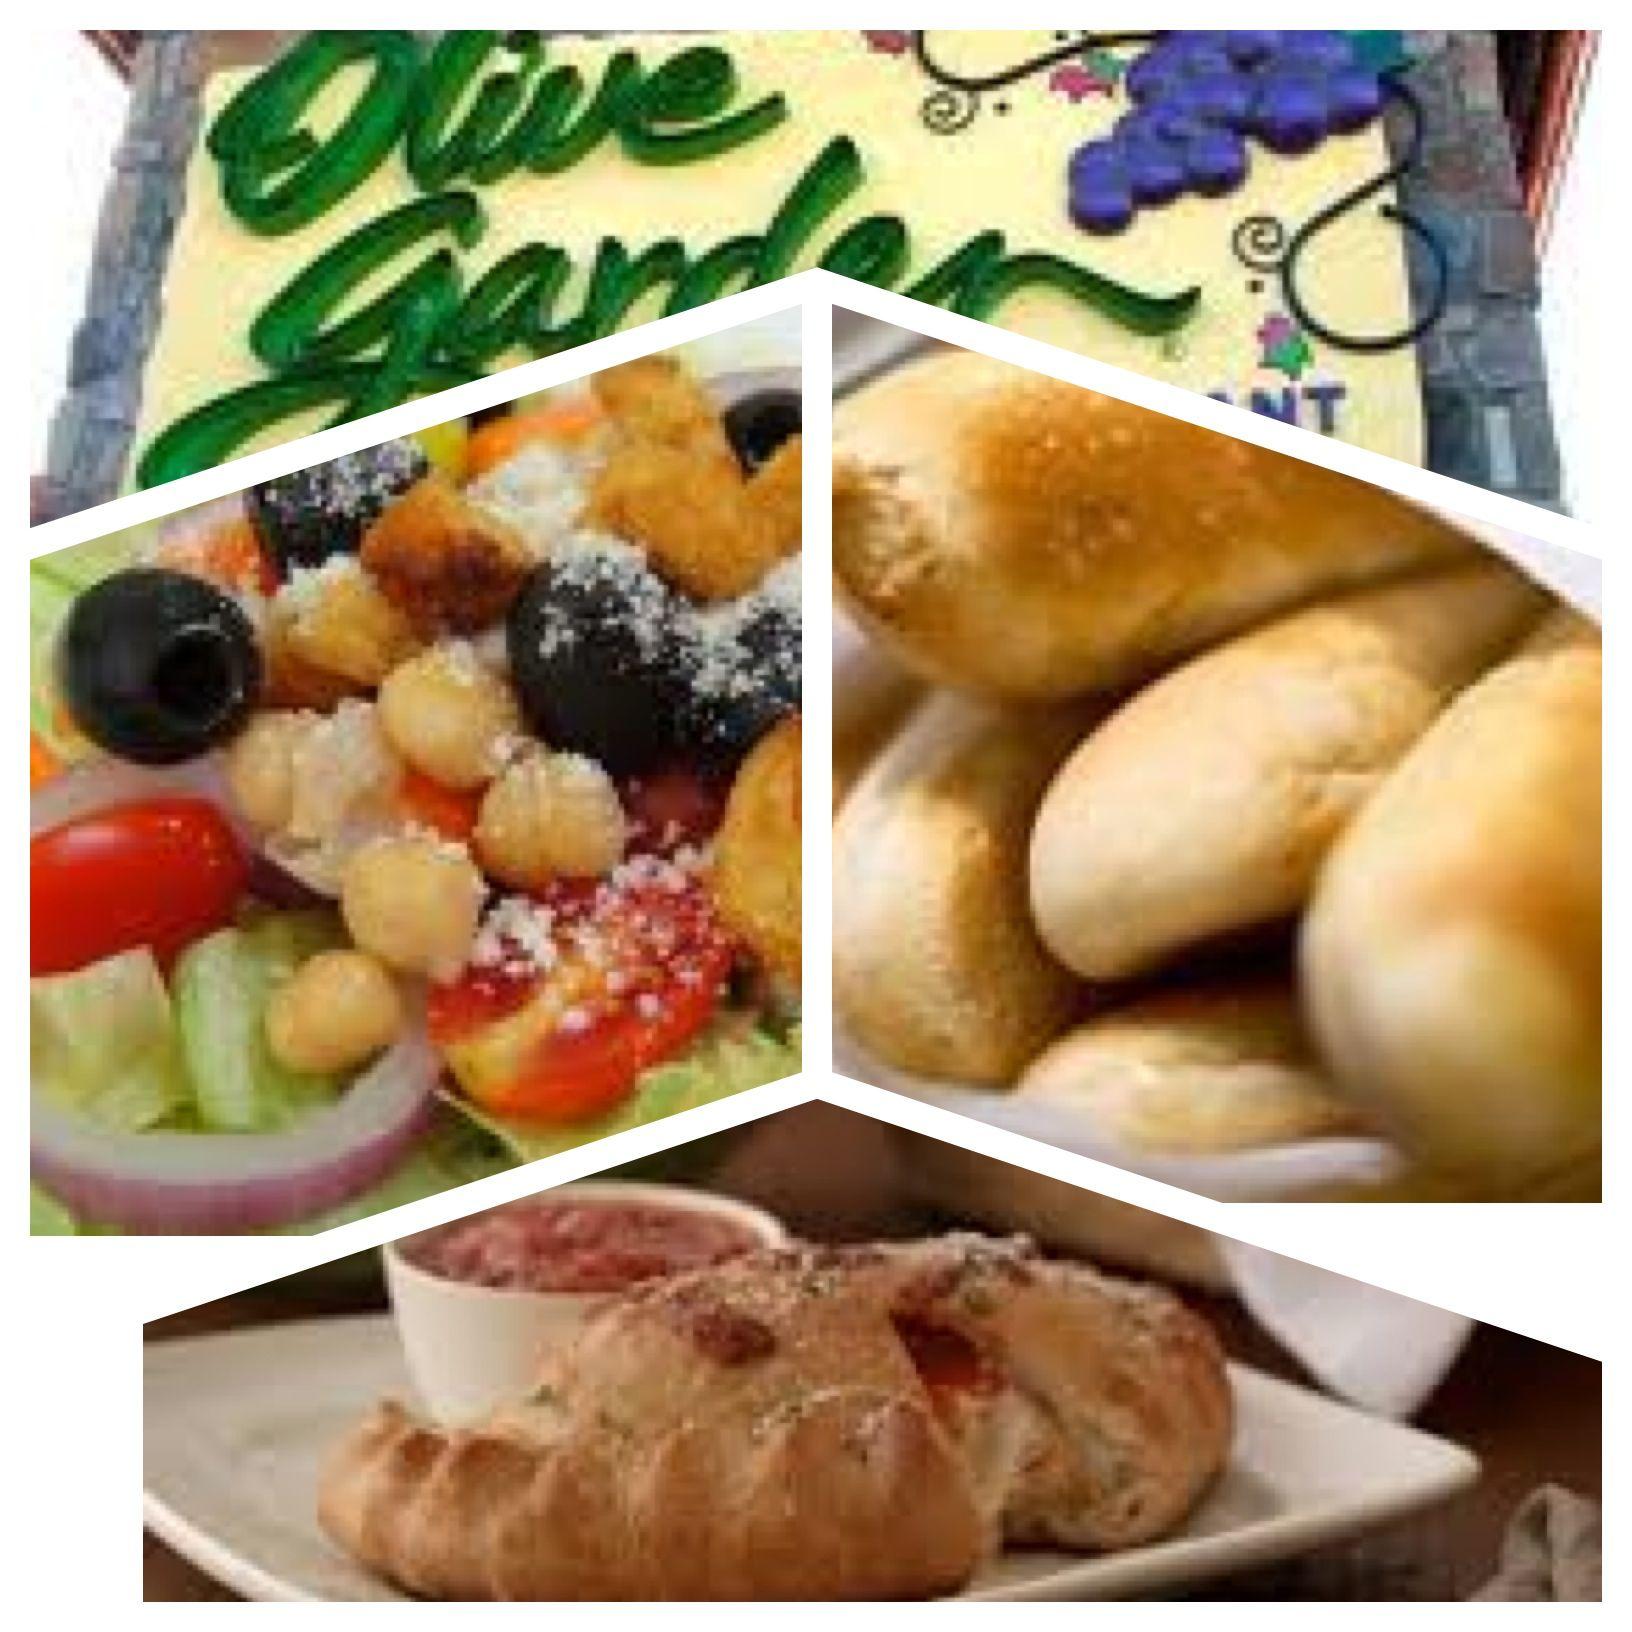 lunch at olive garden - Olive Garden Lunch Specials